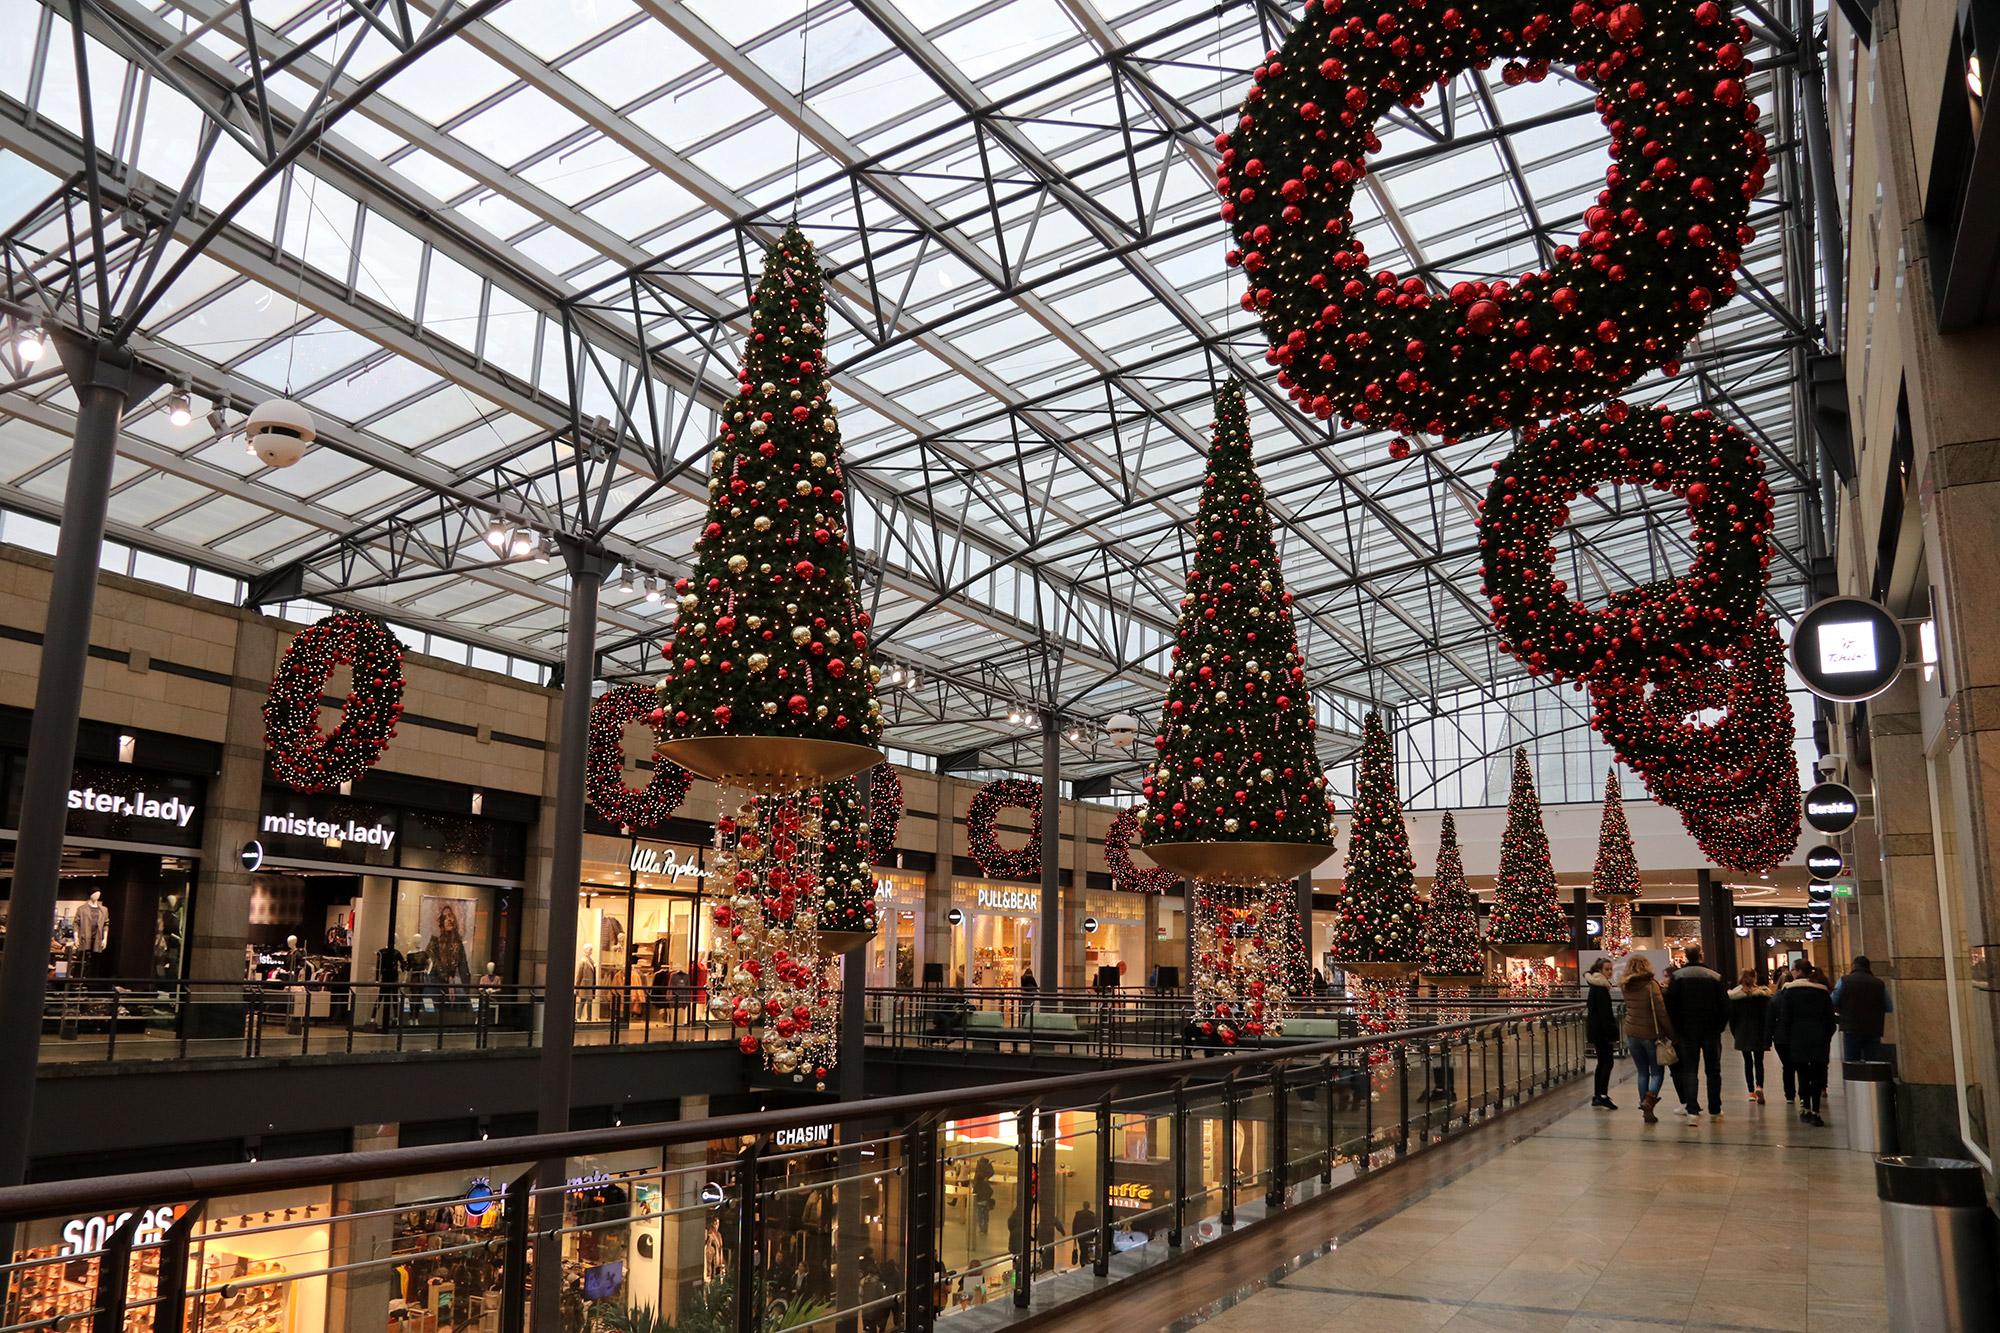 Oberhausen kerstmarkt, mijn tips - CentrO Oberhausen